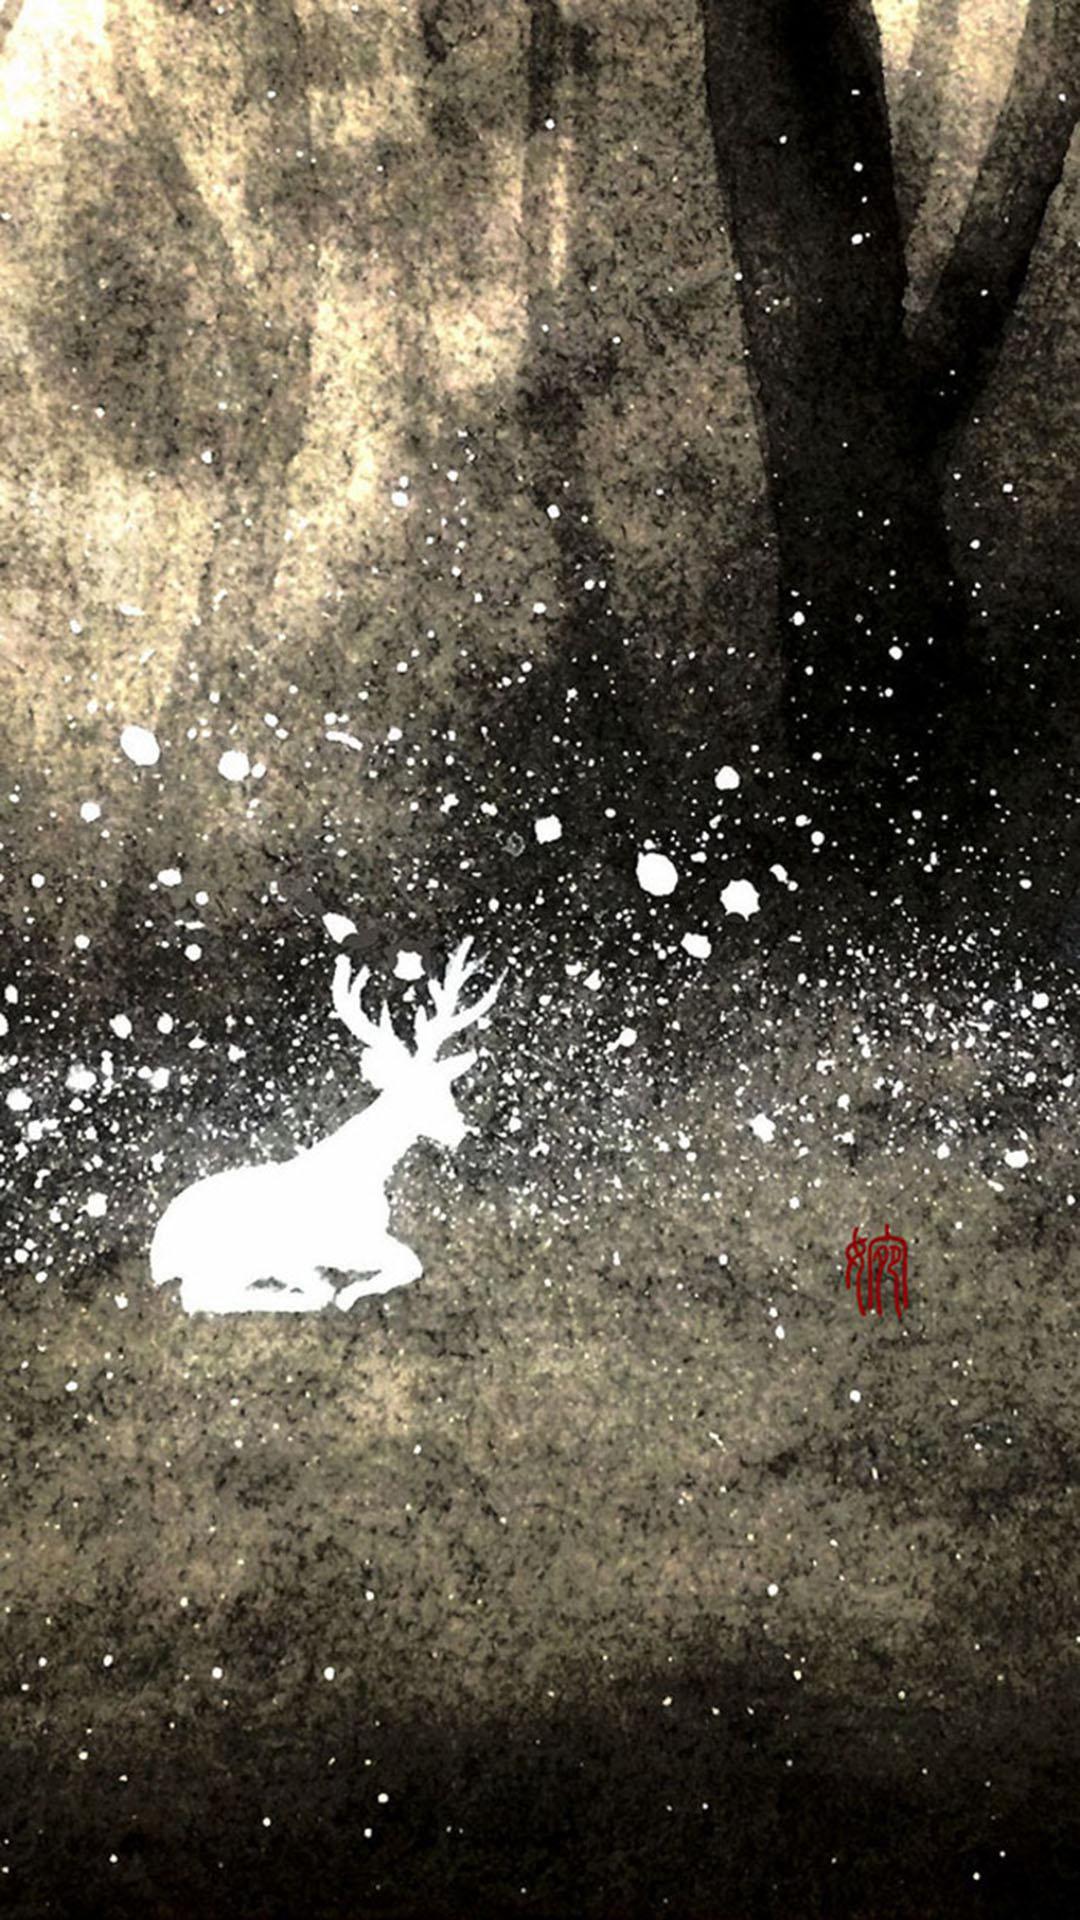 手绘 森林驯鹿 苹果手机高清壁纸 1080x1920_爱思助手